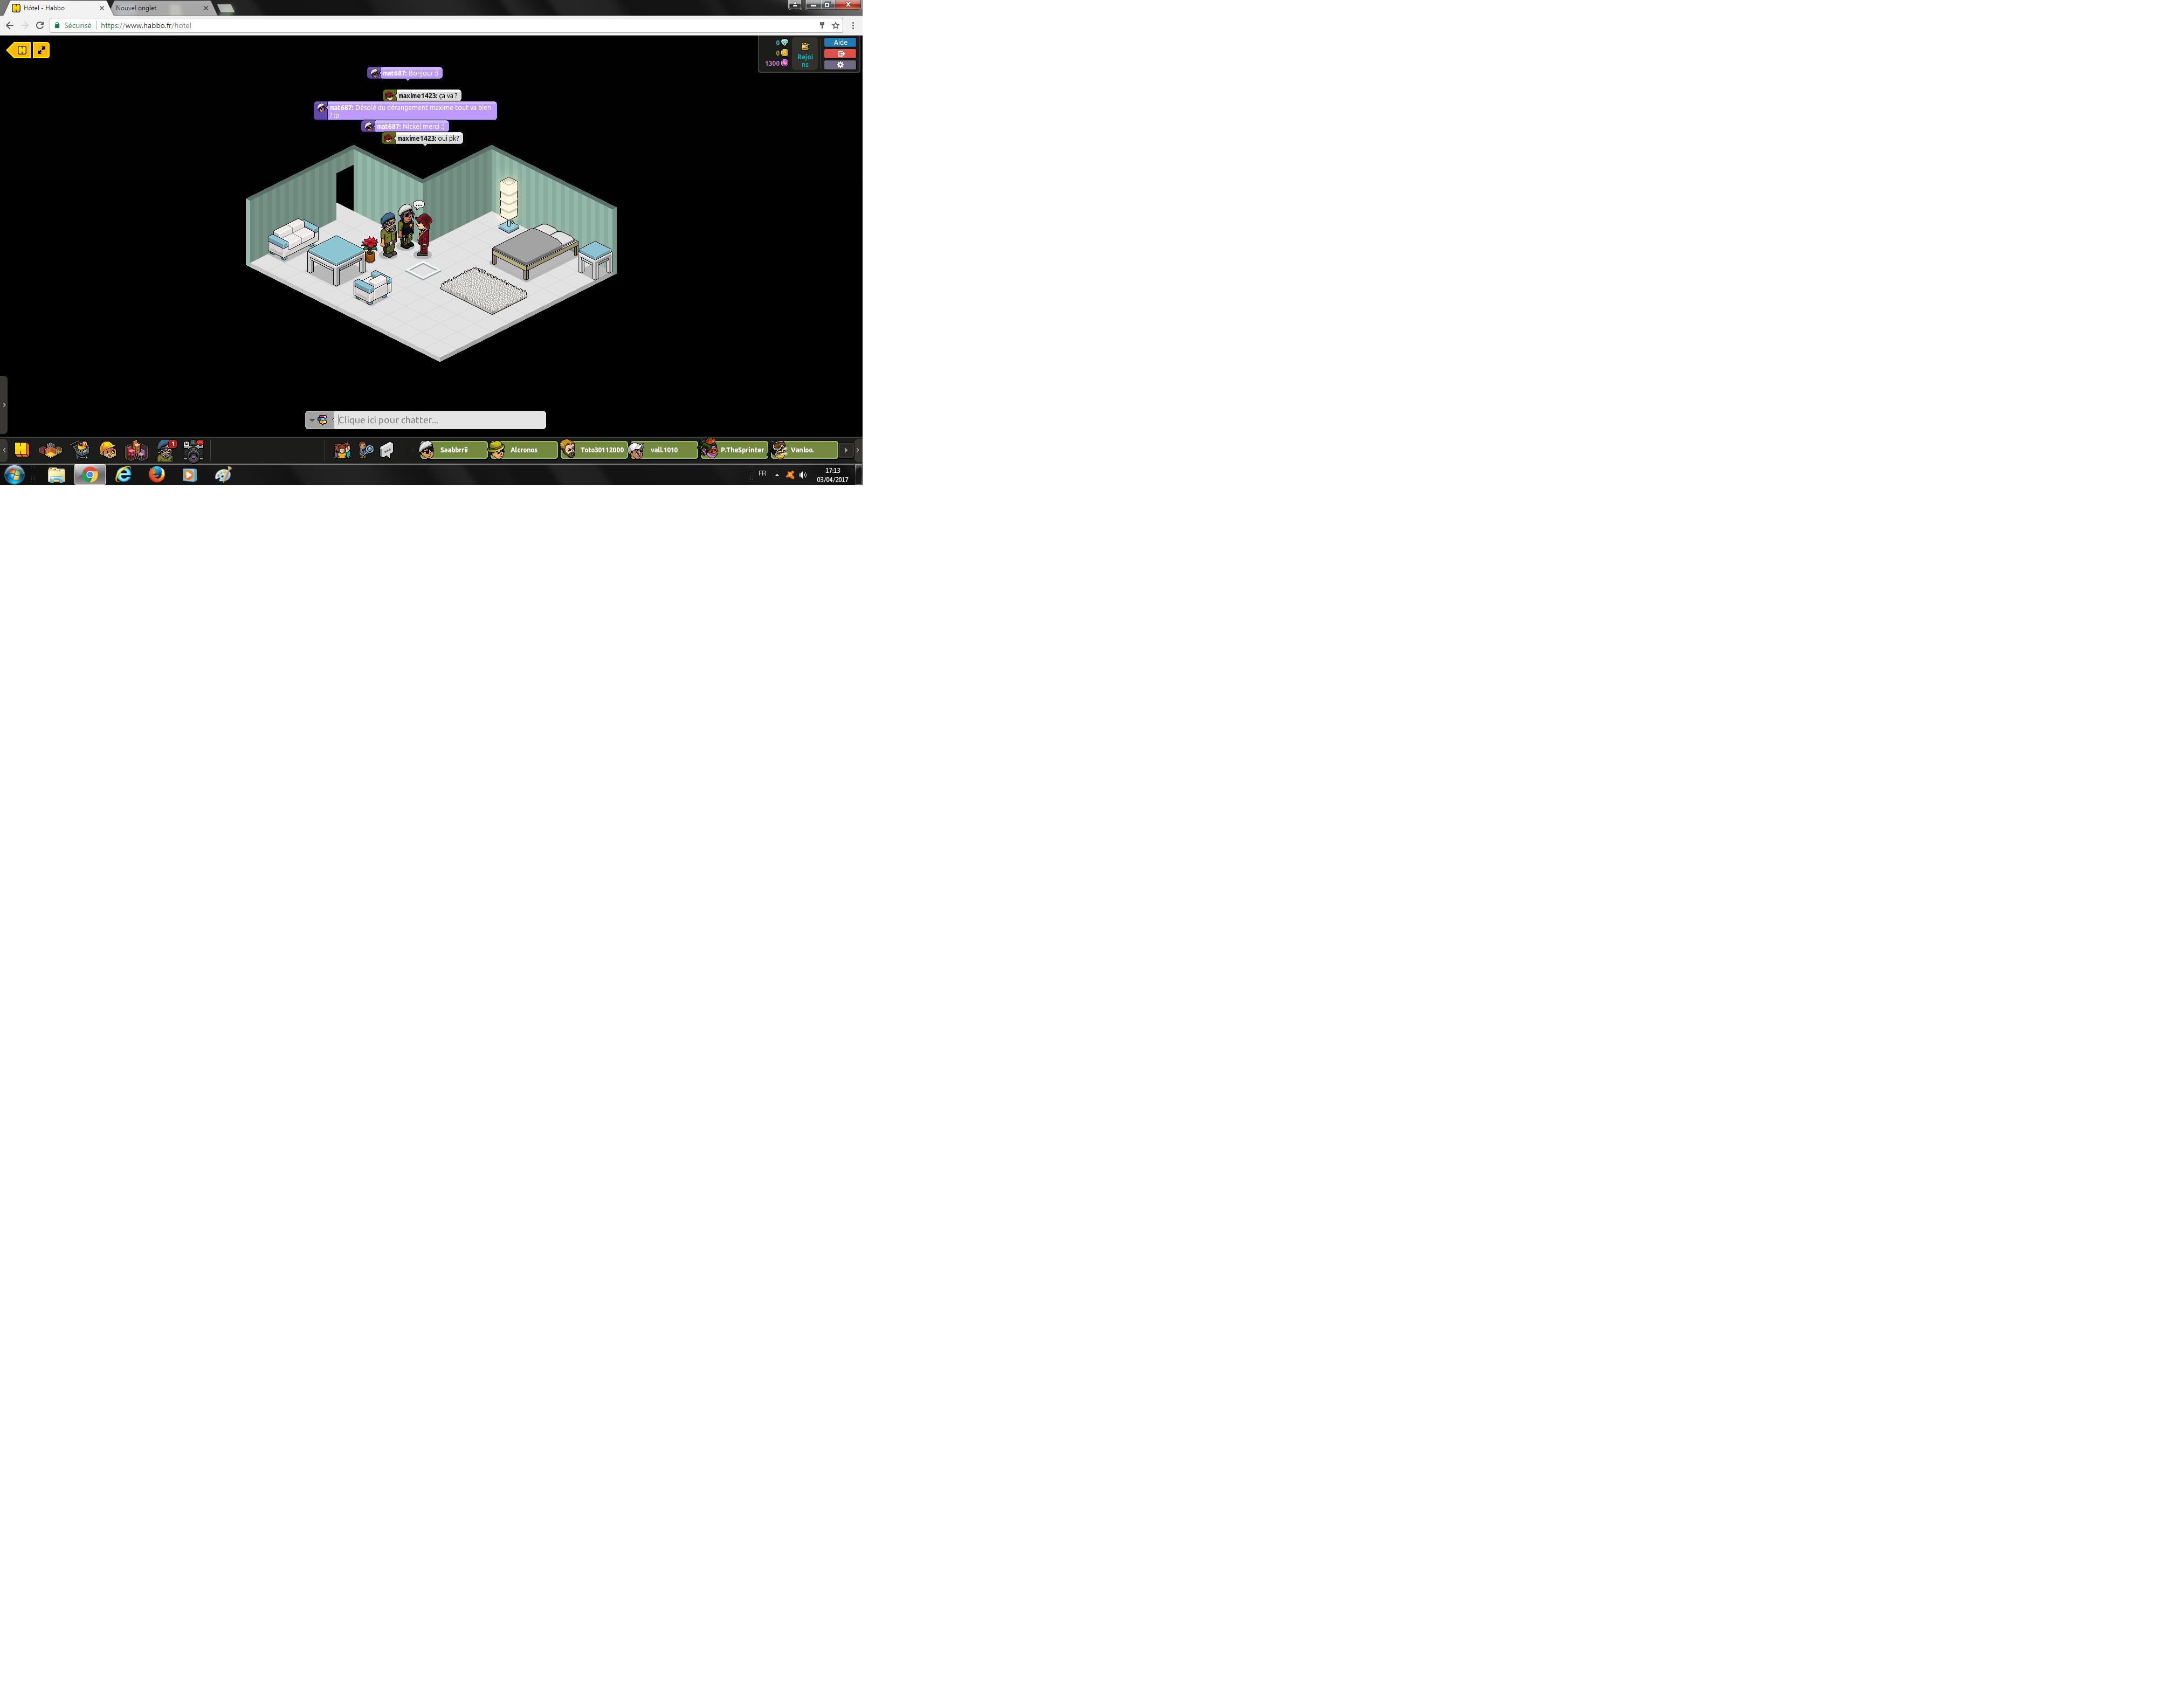 [C.M] Rapport de patrouille d'halos34 - Page 3 687113cmrp183